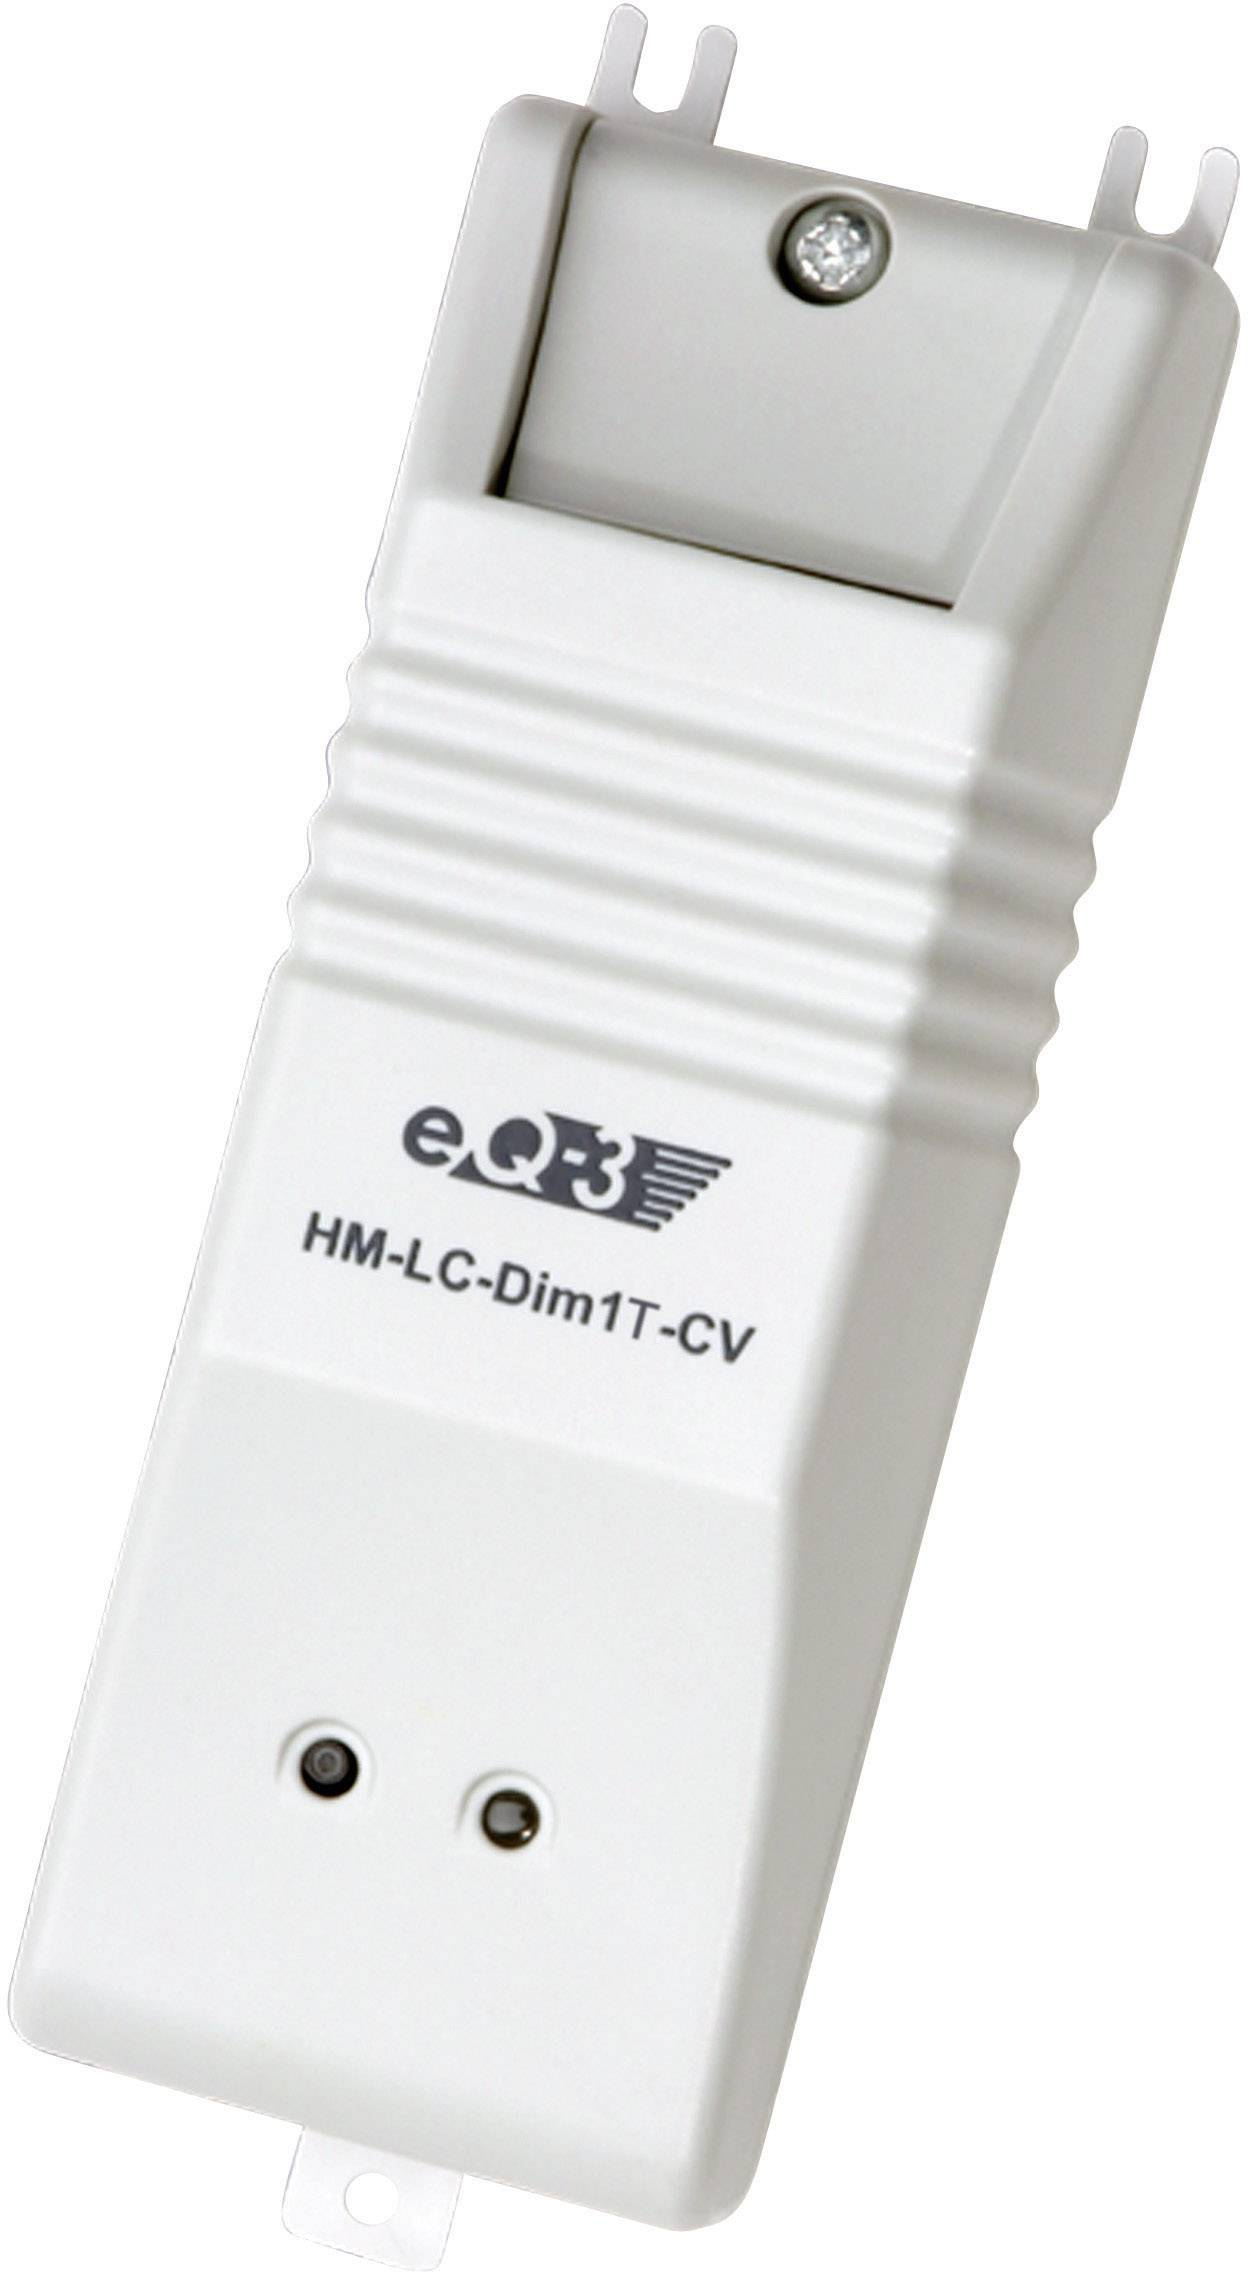 Bezdrátový fázový stmívač do podhledu HomeMatic, 85974, 1kanálový, 400 W